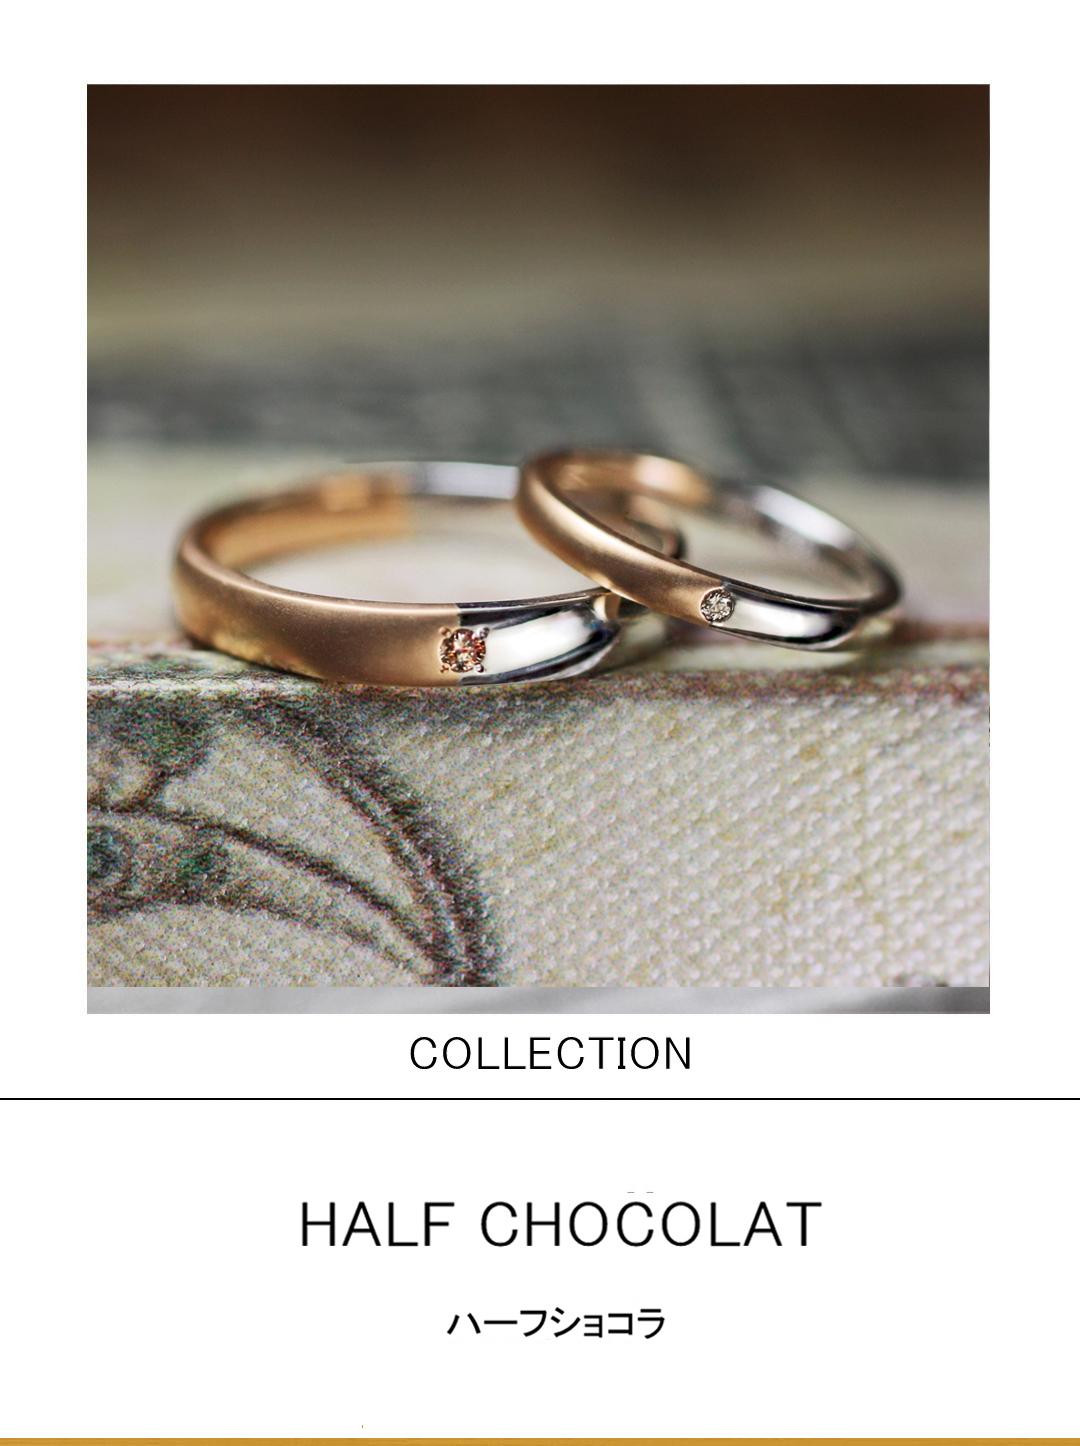 ブラウンカラーのゴールドとプラチナをハーフでつないだ結婚指輪のサムネイル